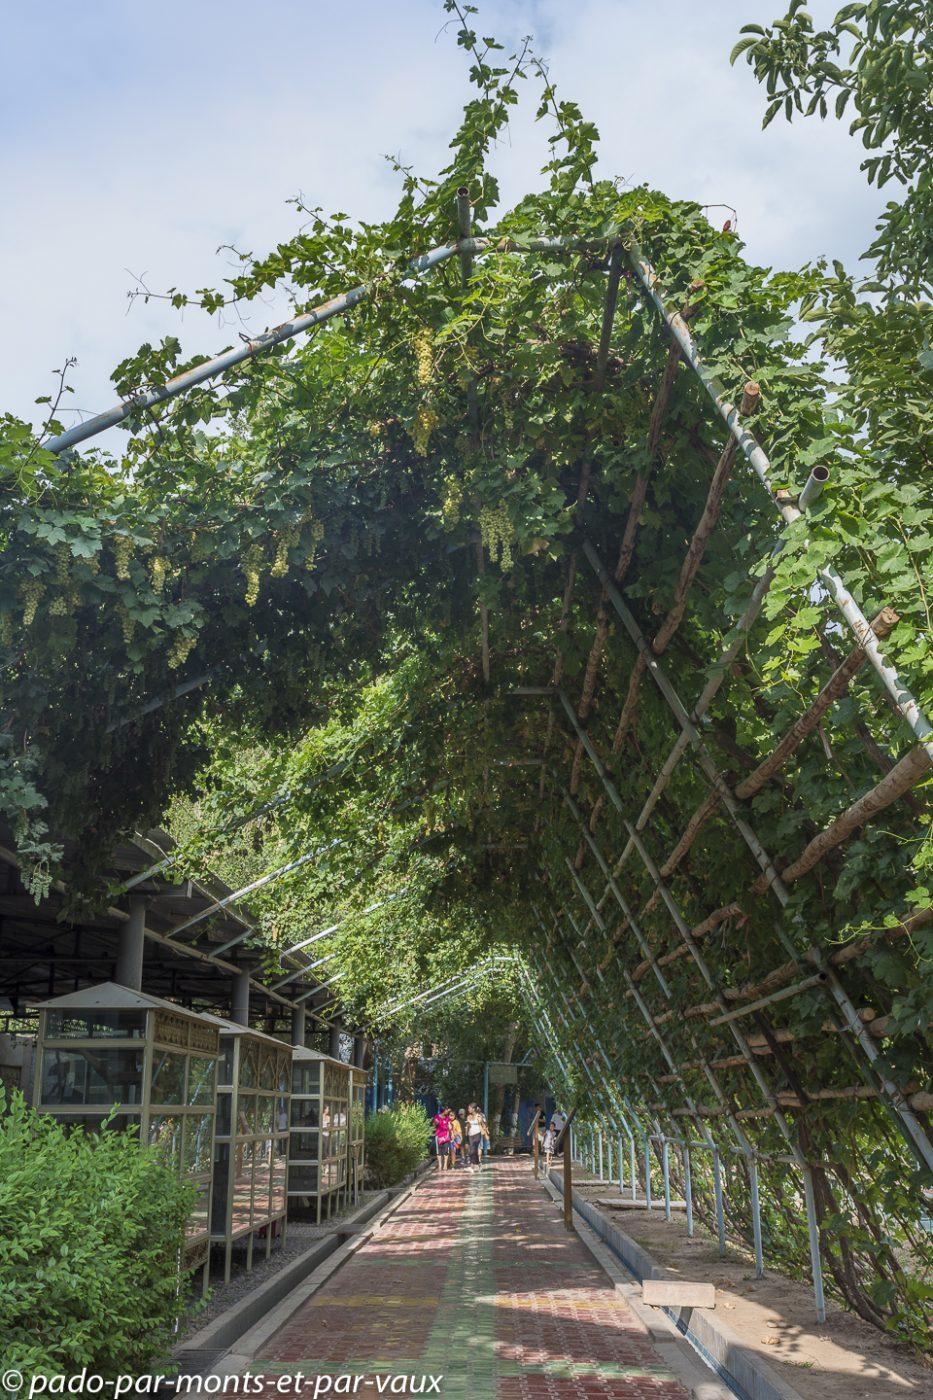 Turpan - irrigation type karez